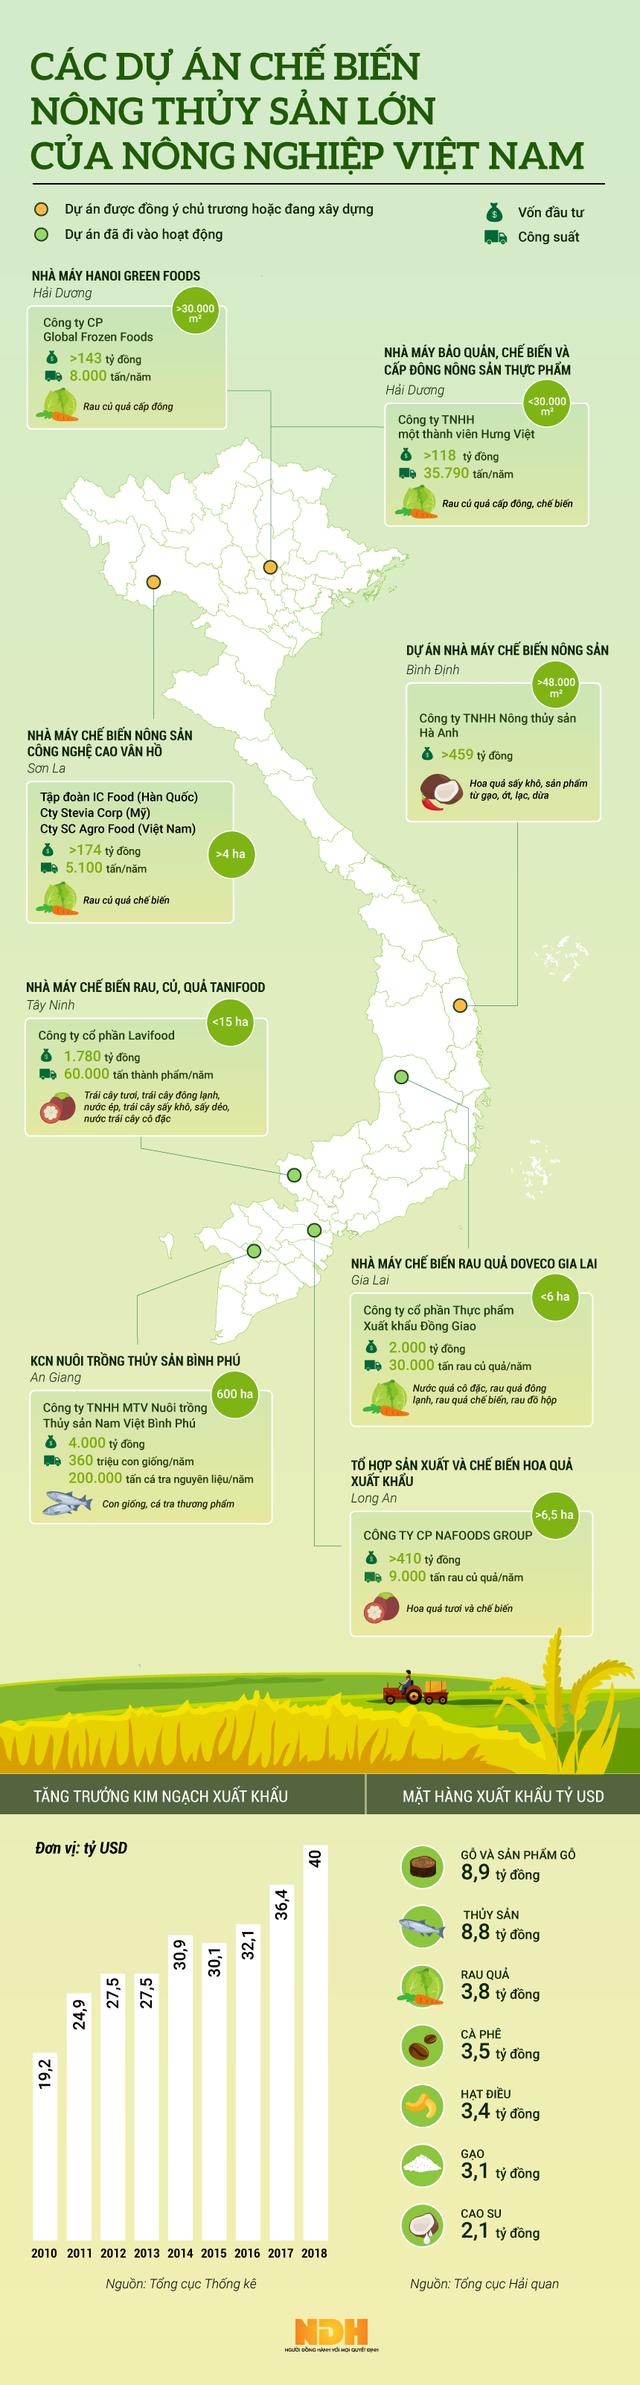 [Infographic] Bùng nổ của các dự án chế biến sâu của ngành nông nghiệp năm 2018 - Ảnh 1.